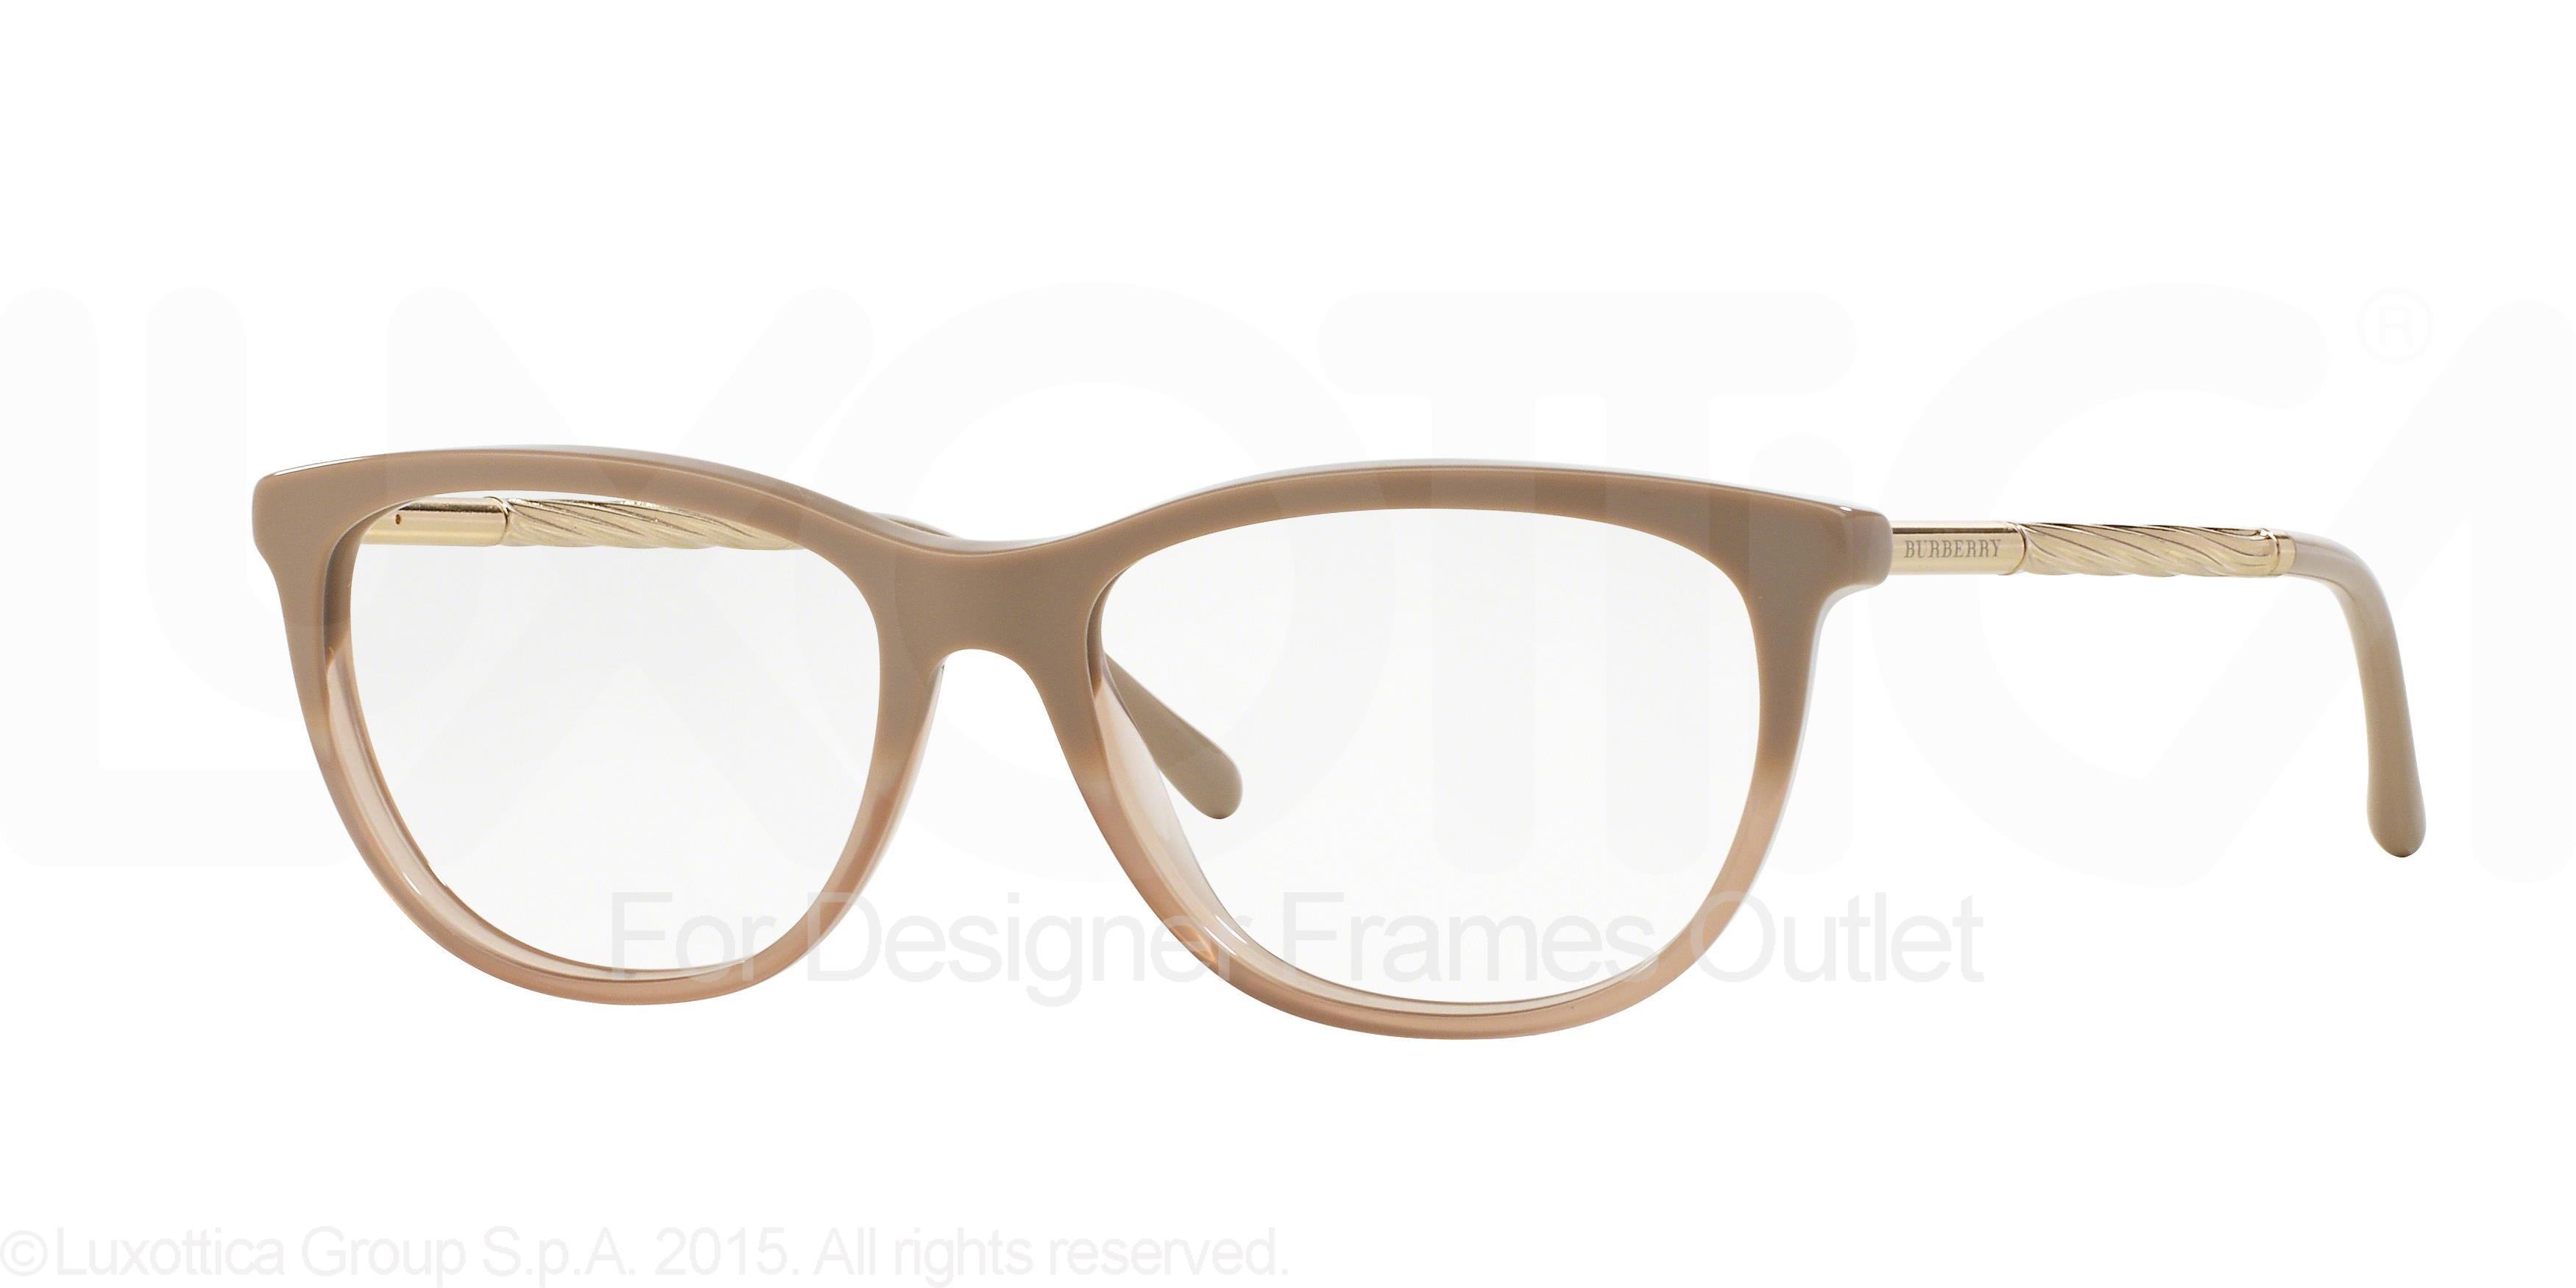 e4d4daf5626 Designer Frames Outlet. Burberry BE2189